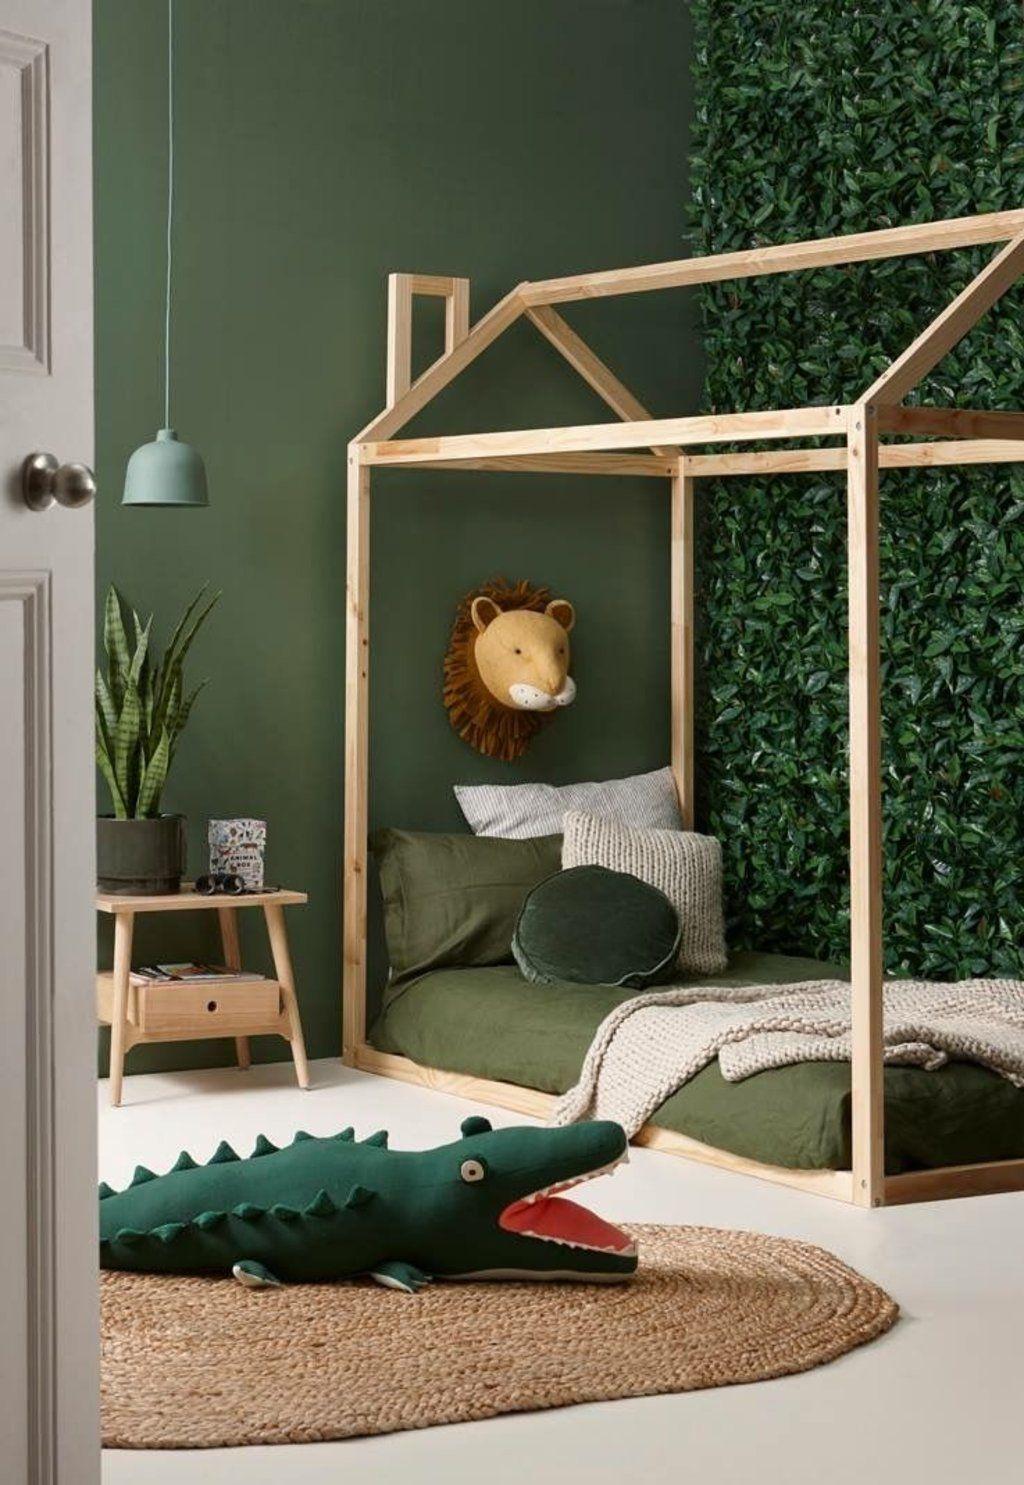 chambre enfant kaki lit cabane bois style urban jungle - blog déco - clem around the corner